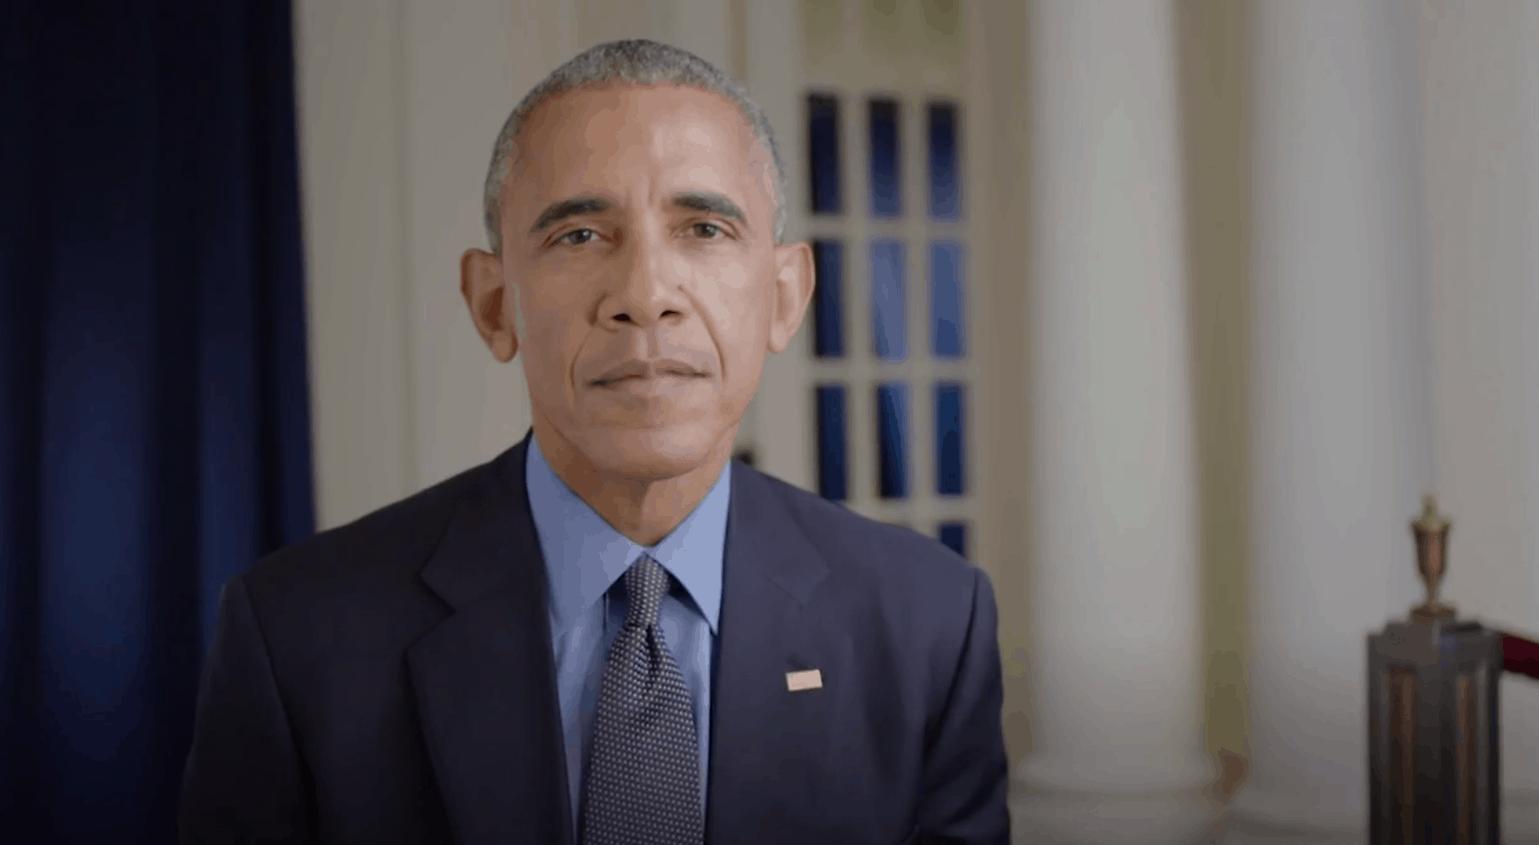 Le message d'Obama pour Dwyane Wade